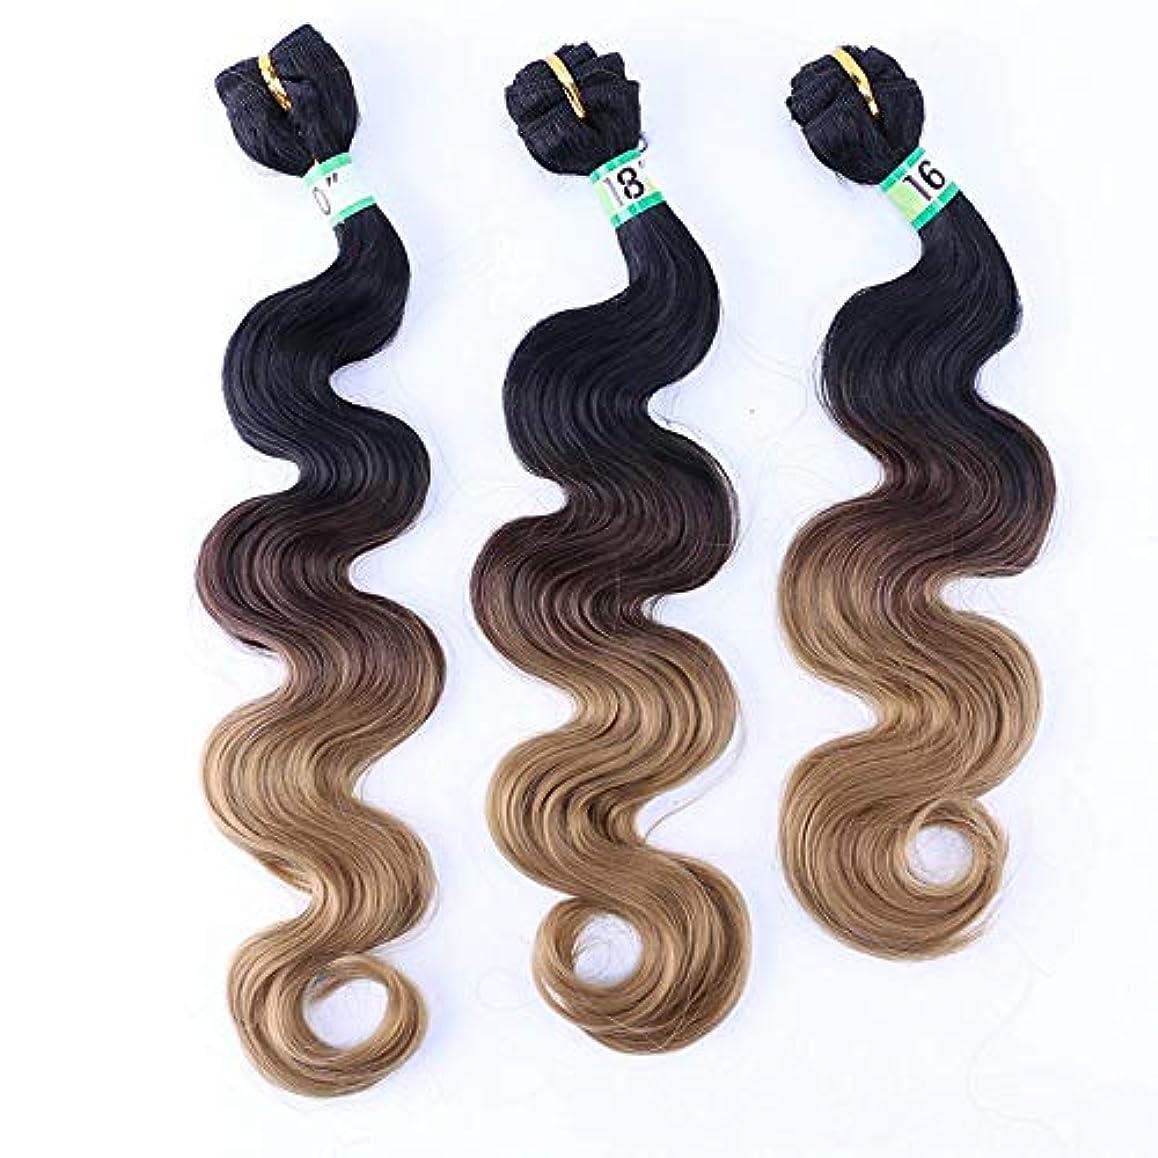 委託アナウンサーズボンHOHYLLYA 女性の巻き毛の実体波3バンドル - T1 / 427茶色の人工毛横糸ヘアエクステンション女性の合成かつらレースかつらロールプレイングかつら (色 : ブラウン, サイズ : 20